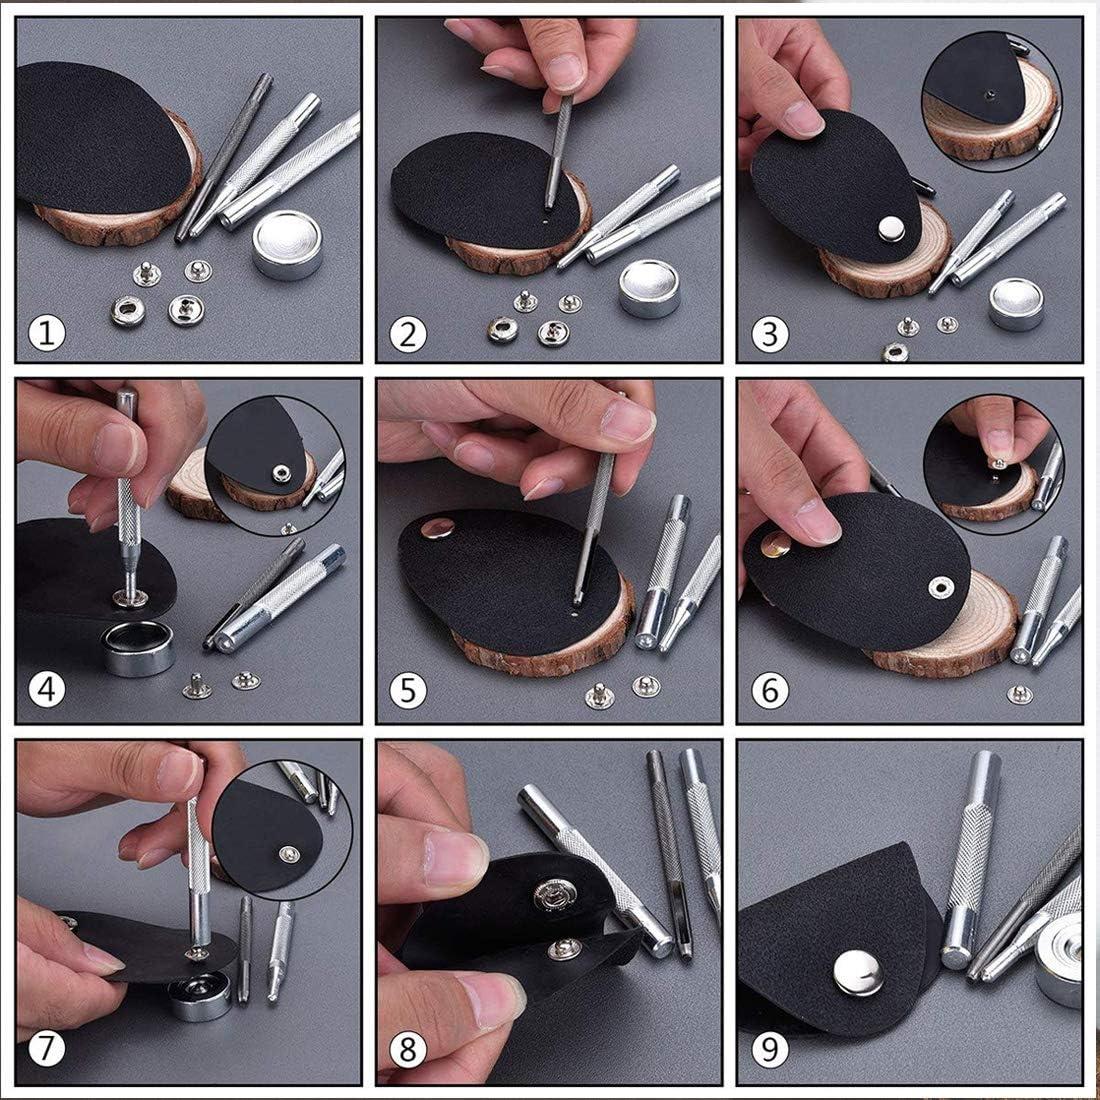 Vitorhytech 50pcs 10mm Boutons-Pression en m/étal Boutons de Pression Boutons-Pression pour la Couture Maroquinerie v/êtements Sacs Chaussures Bracelet Ceinture